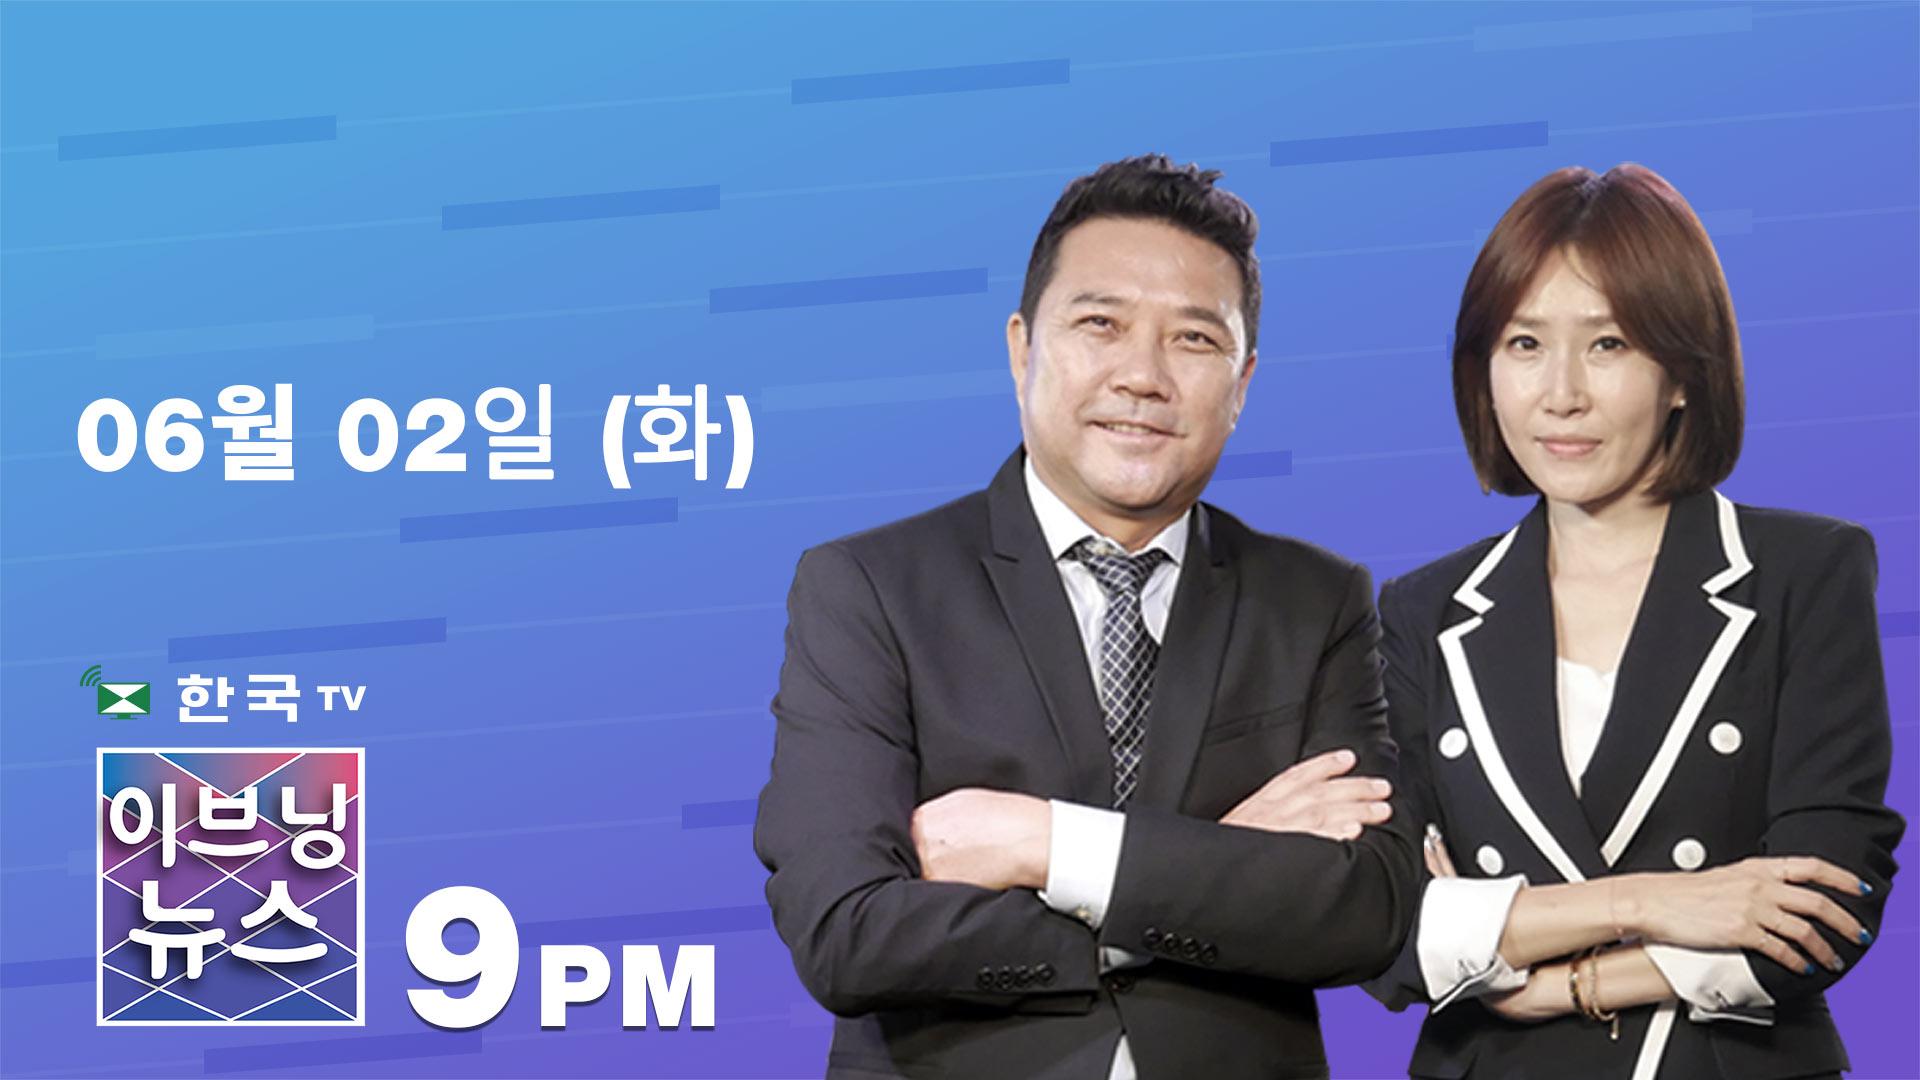 (06.02.2020) 한국TV 이브닝 뉴스